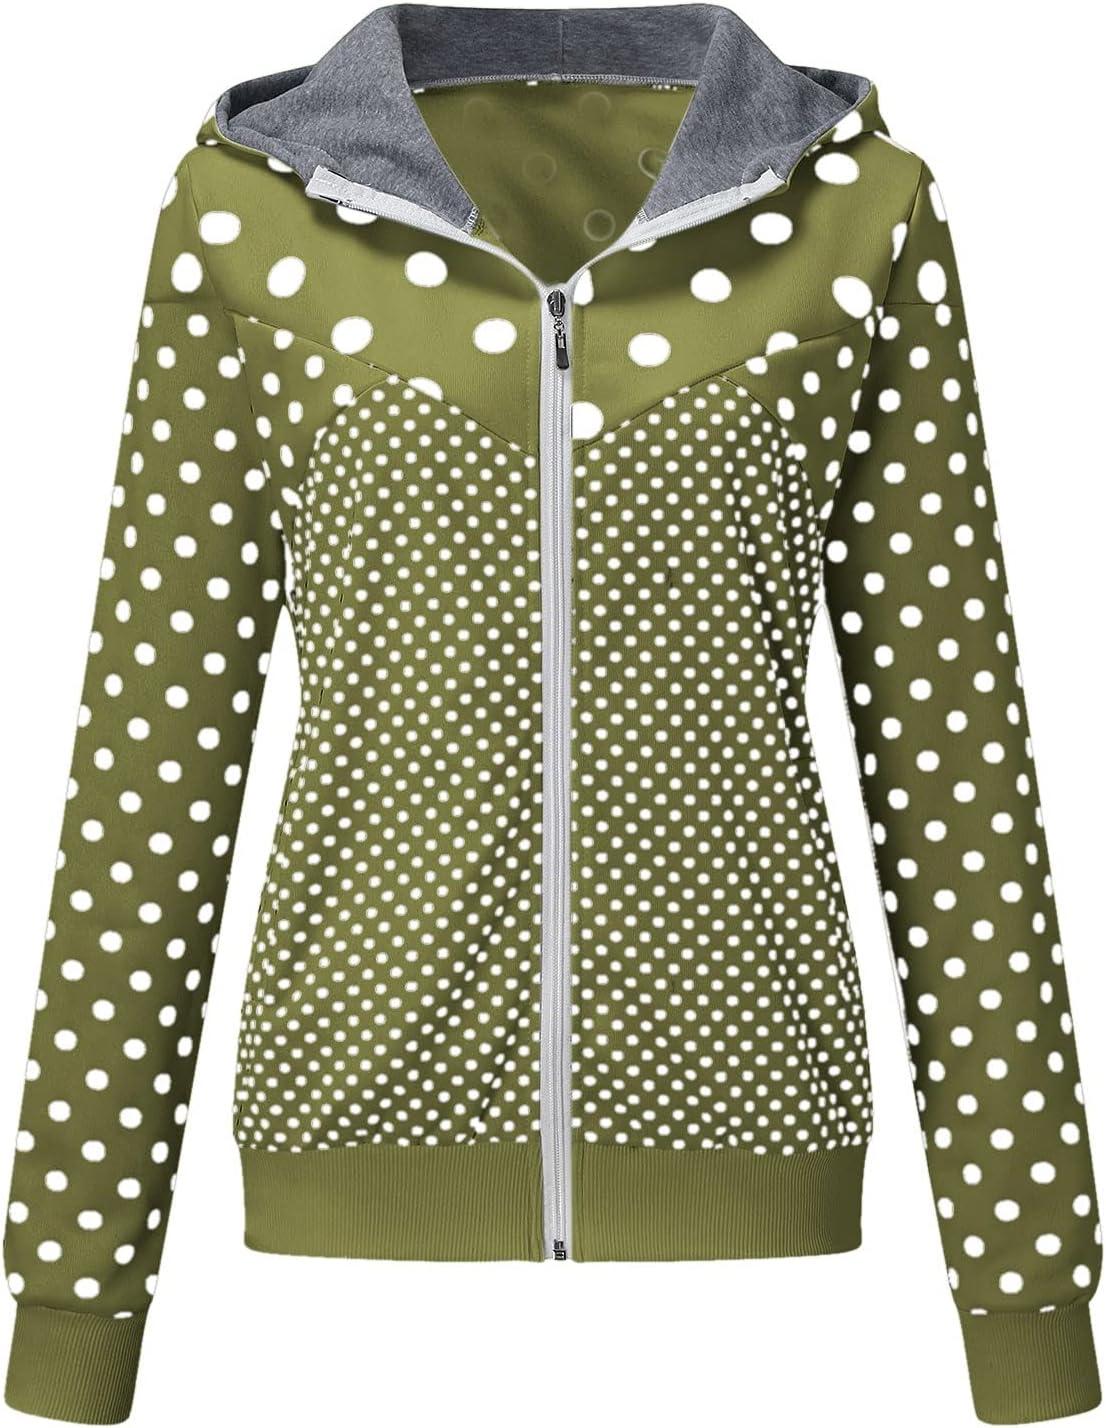 Tenworld Women's Casual Zip Up Dot Print Hoodie Pockets Sweatshirt Long Sleeve Coat